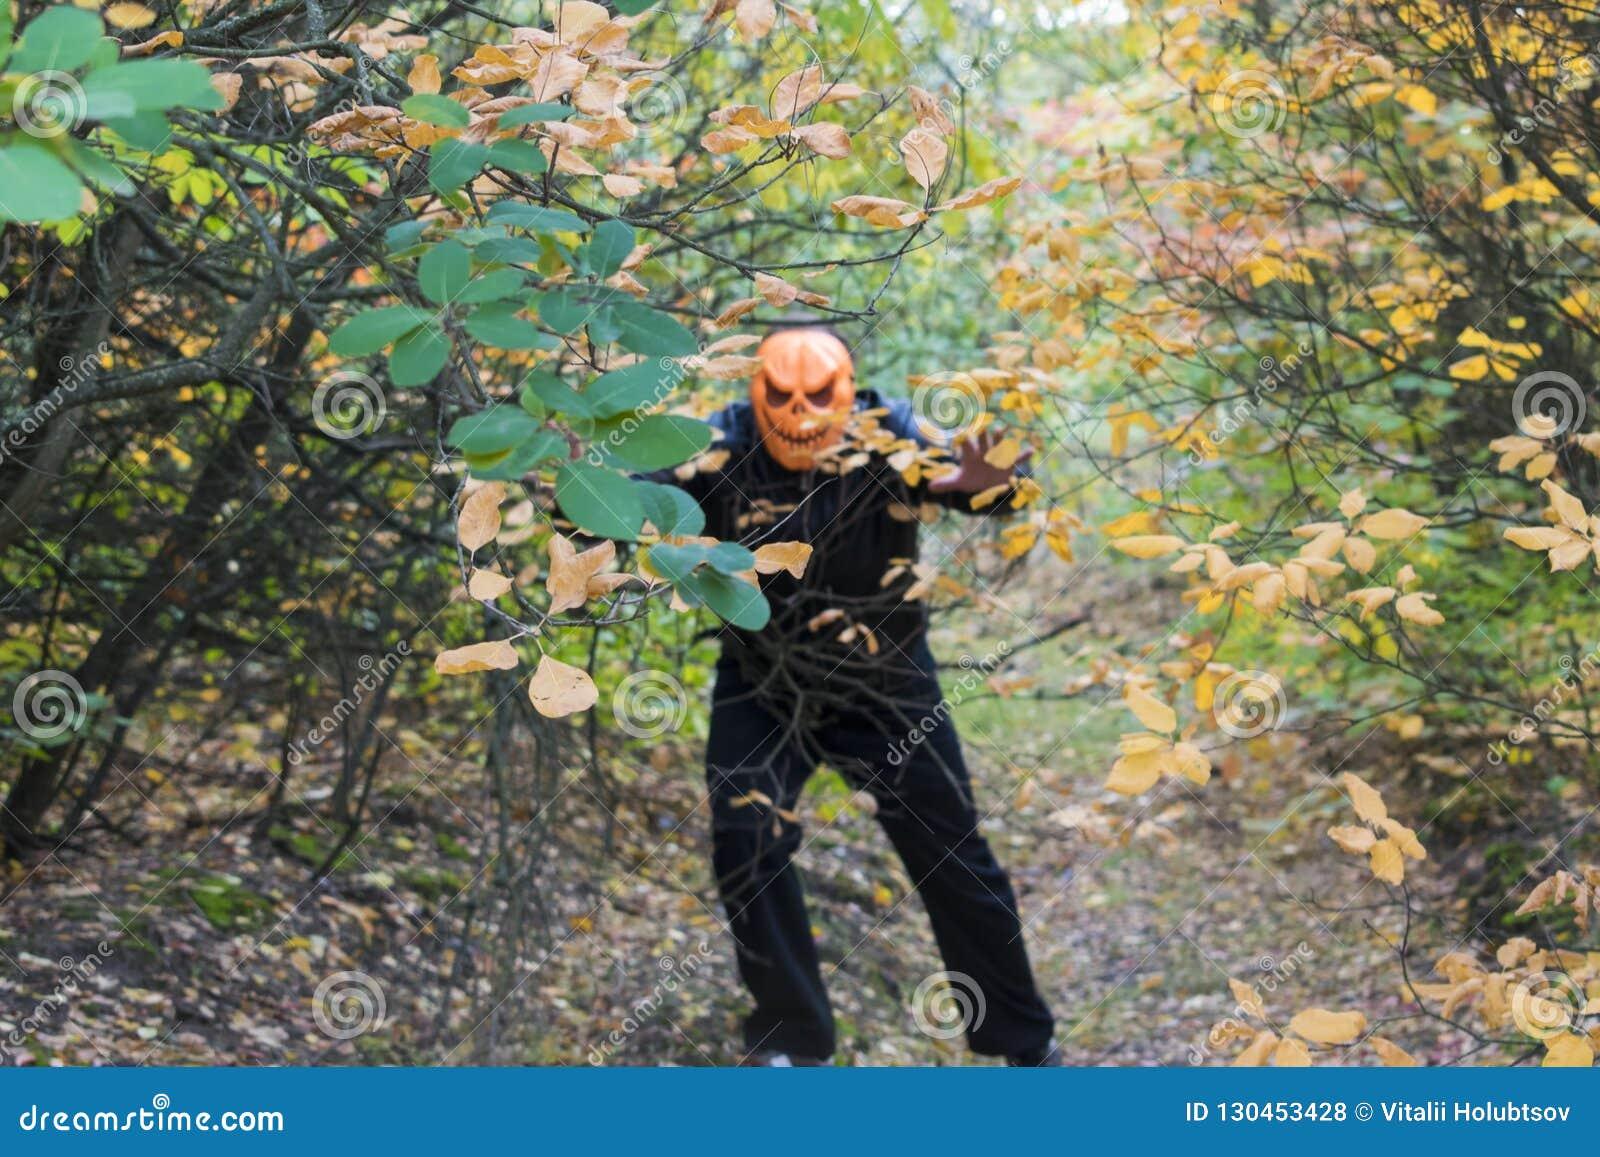 Mann mit einem Kürbis auf seinem Kopf Halloween-Legende